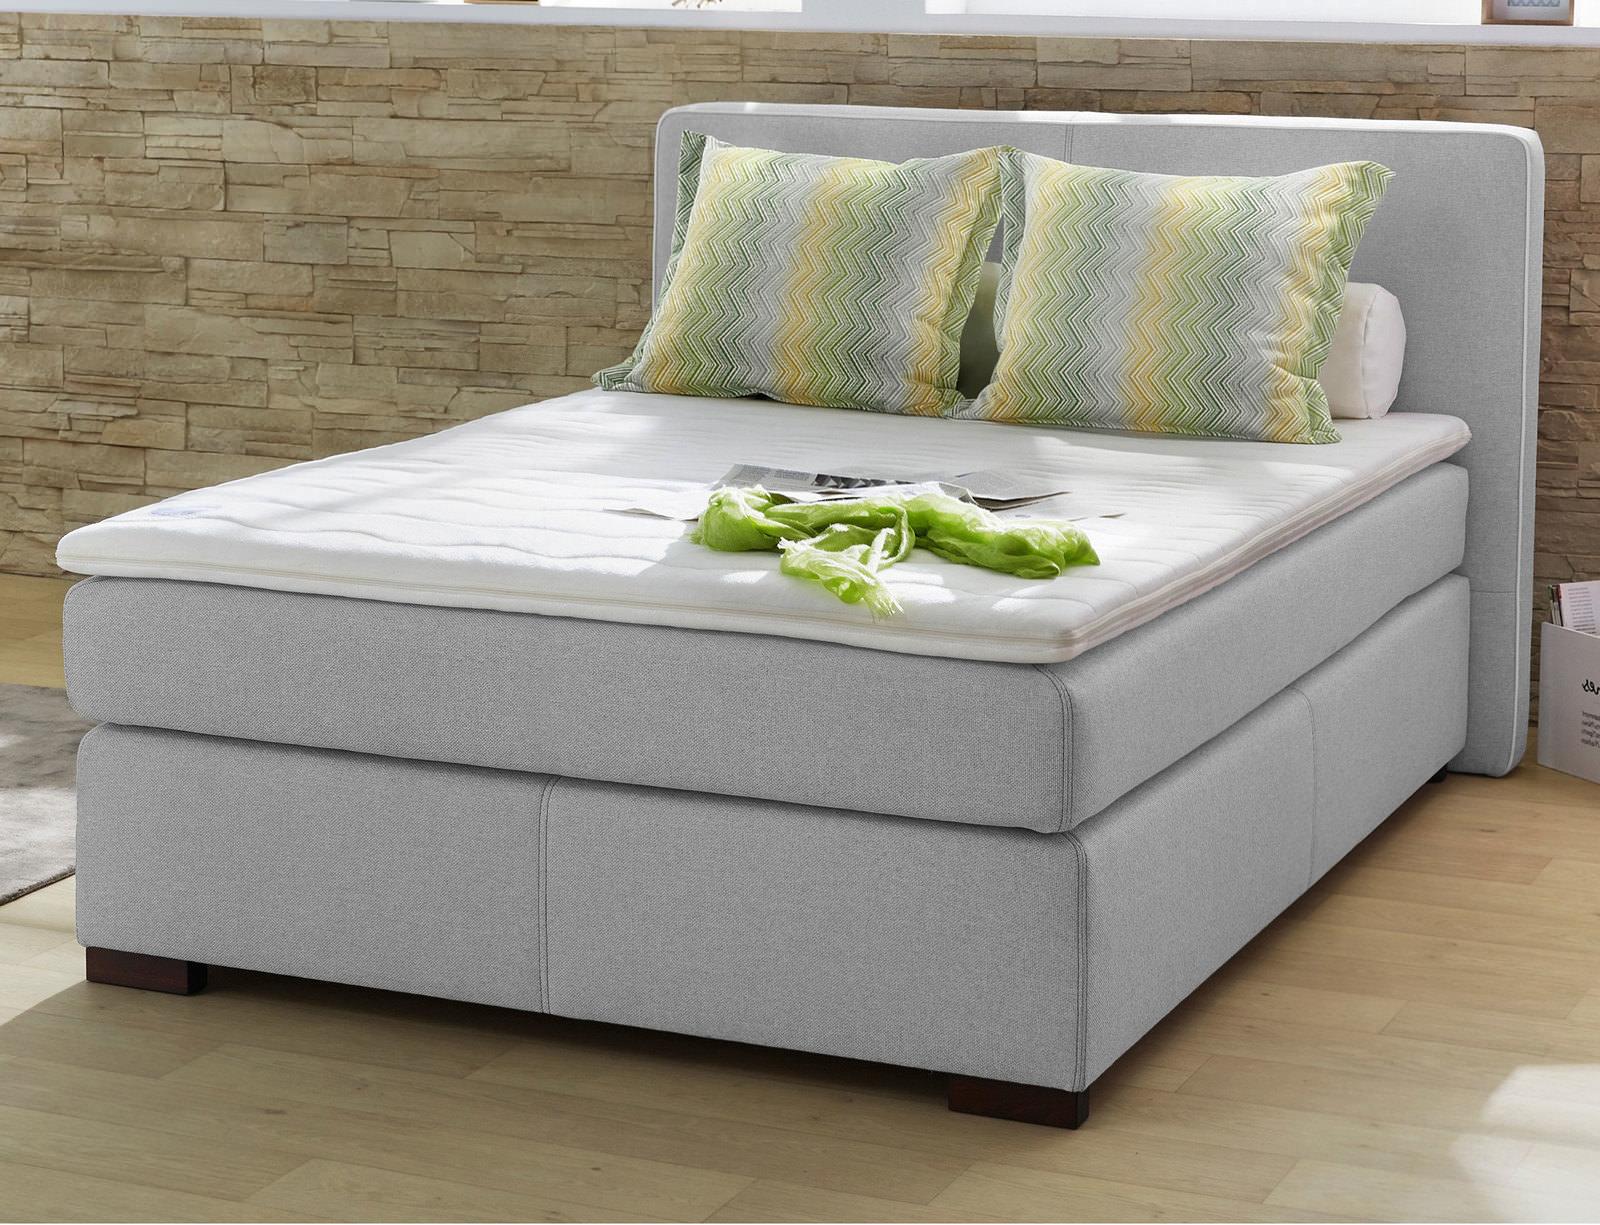 boxspringbett 140 grau online entdecken schaffrath ihr. Black Bedroom Furniture Sets. Home Design Ideas